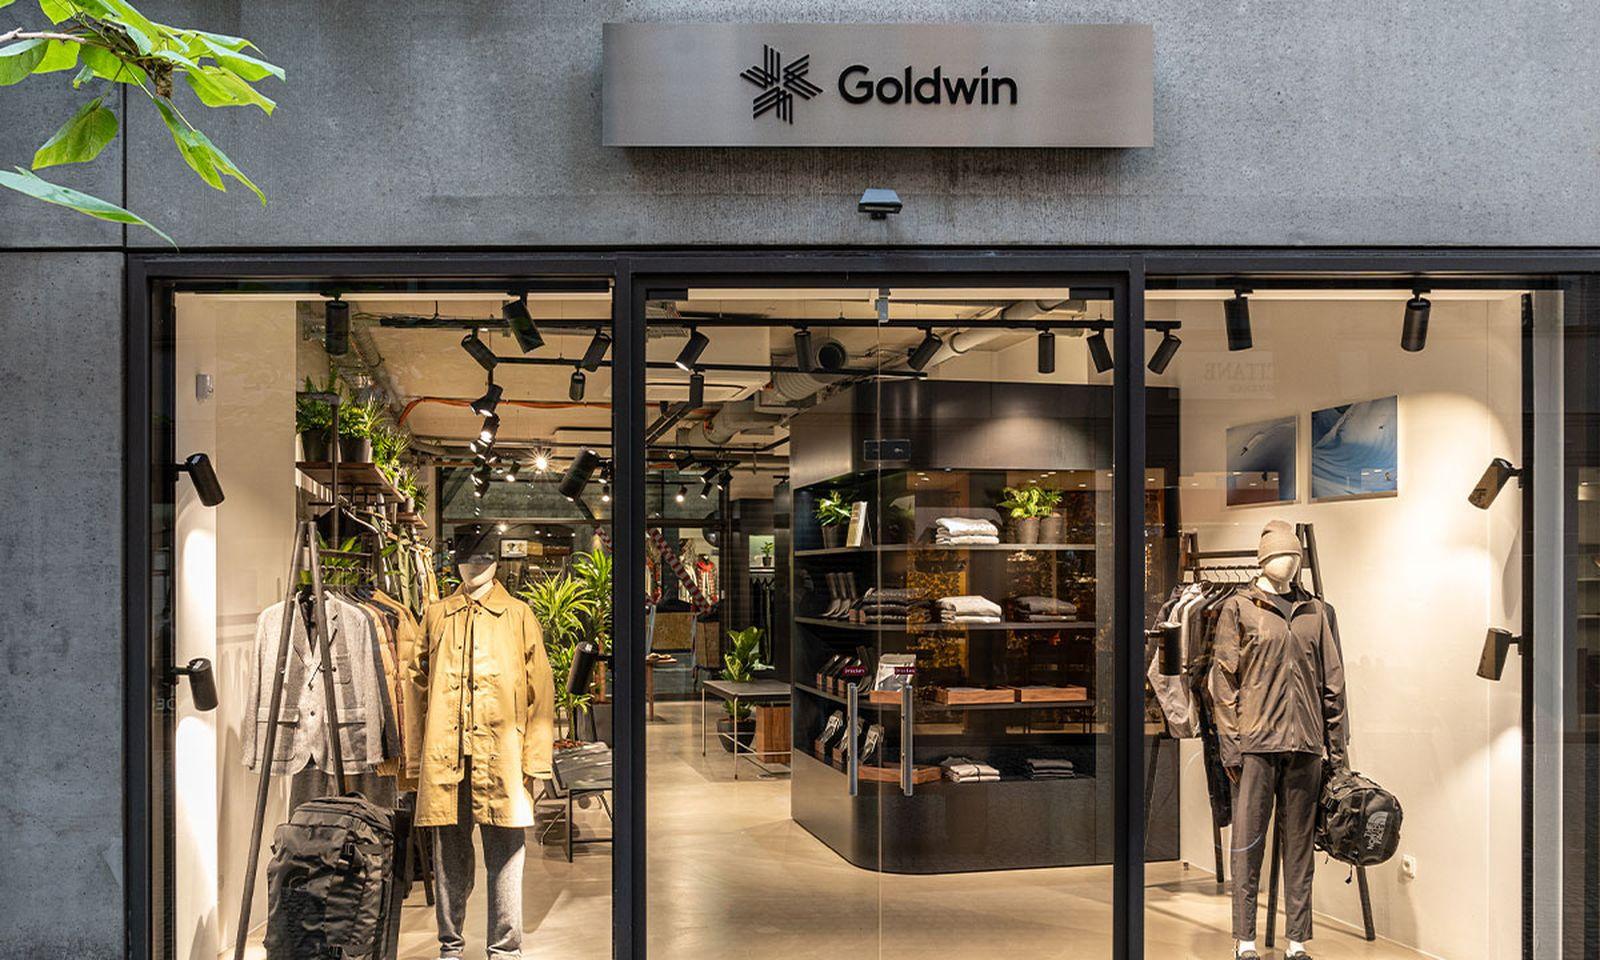 goldwin-new-store-munich-feature